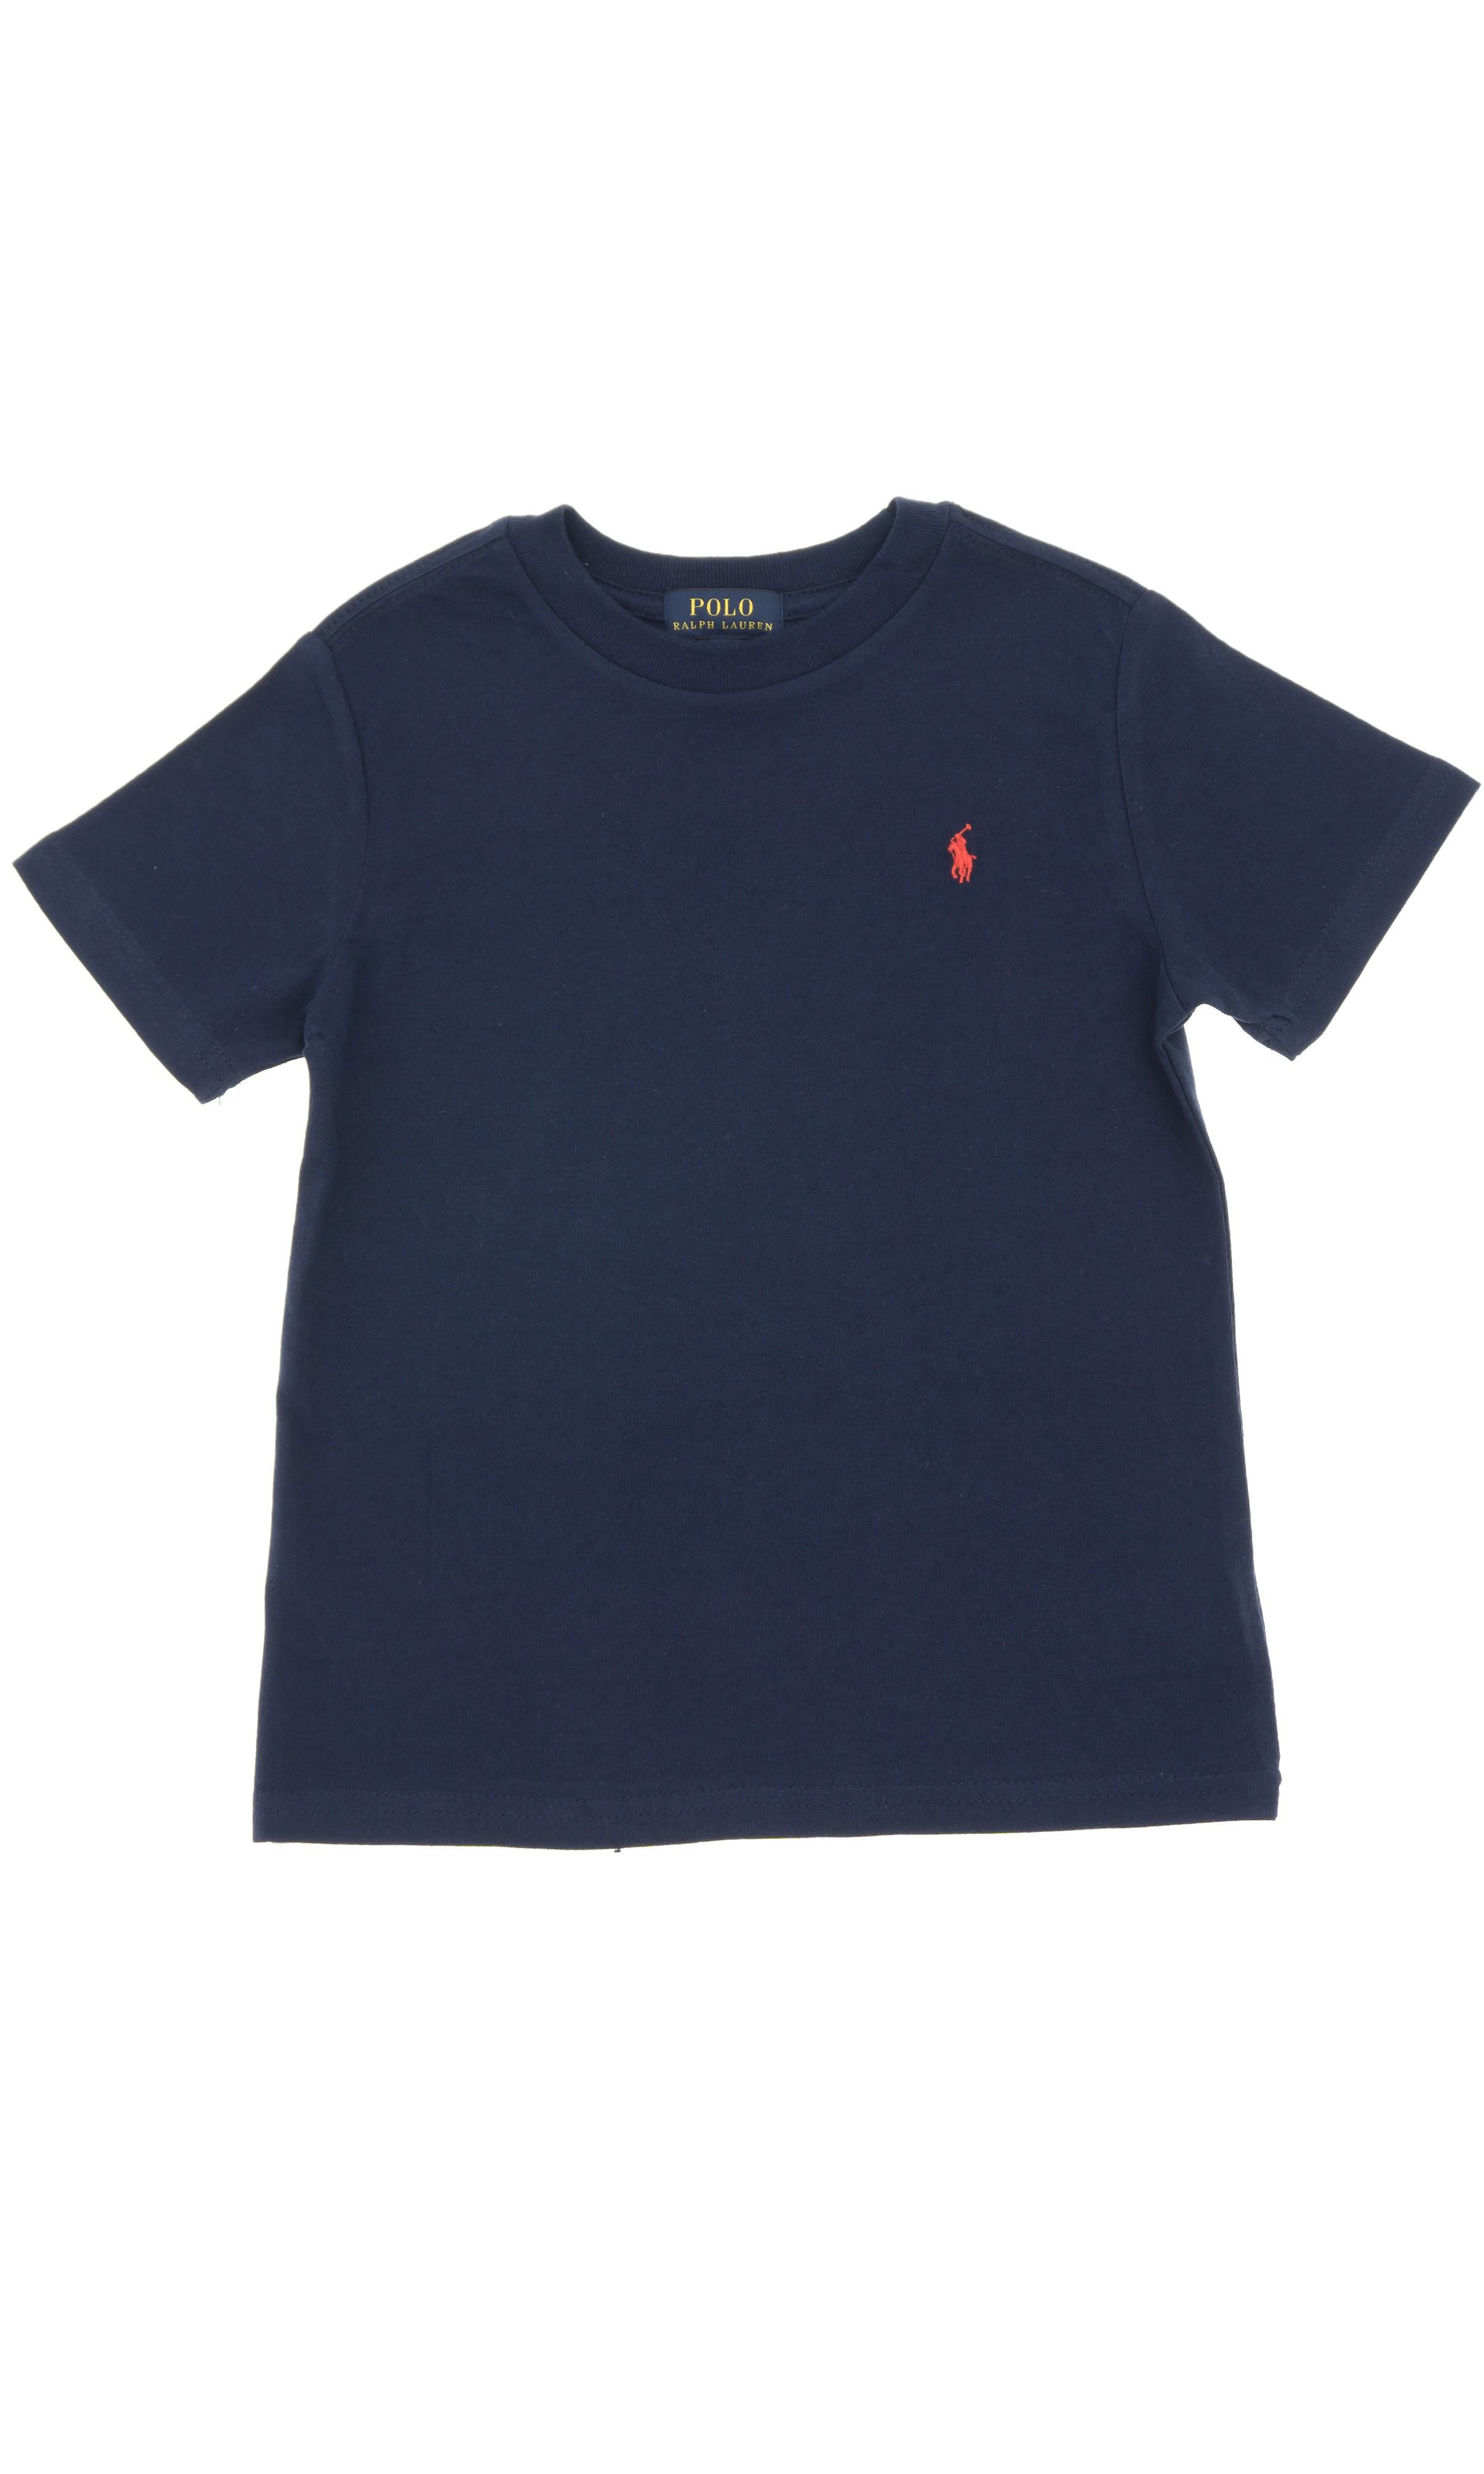 Navy blue short sleeved t shirt polo ralph lauren for Ralph lauren polo club shirts